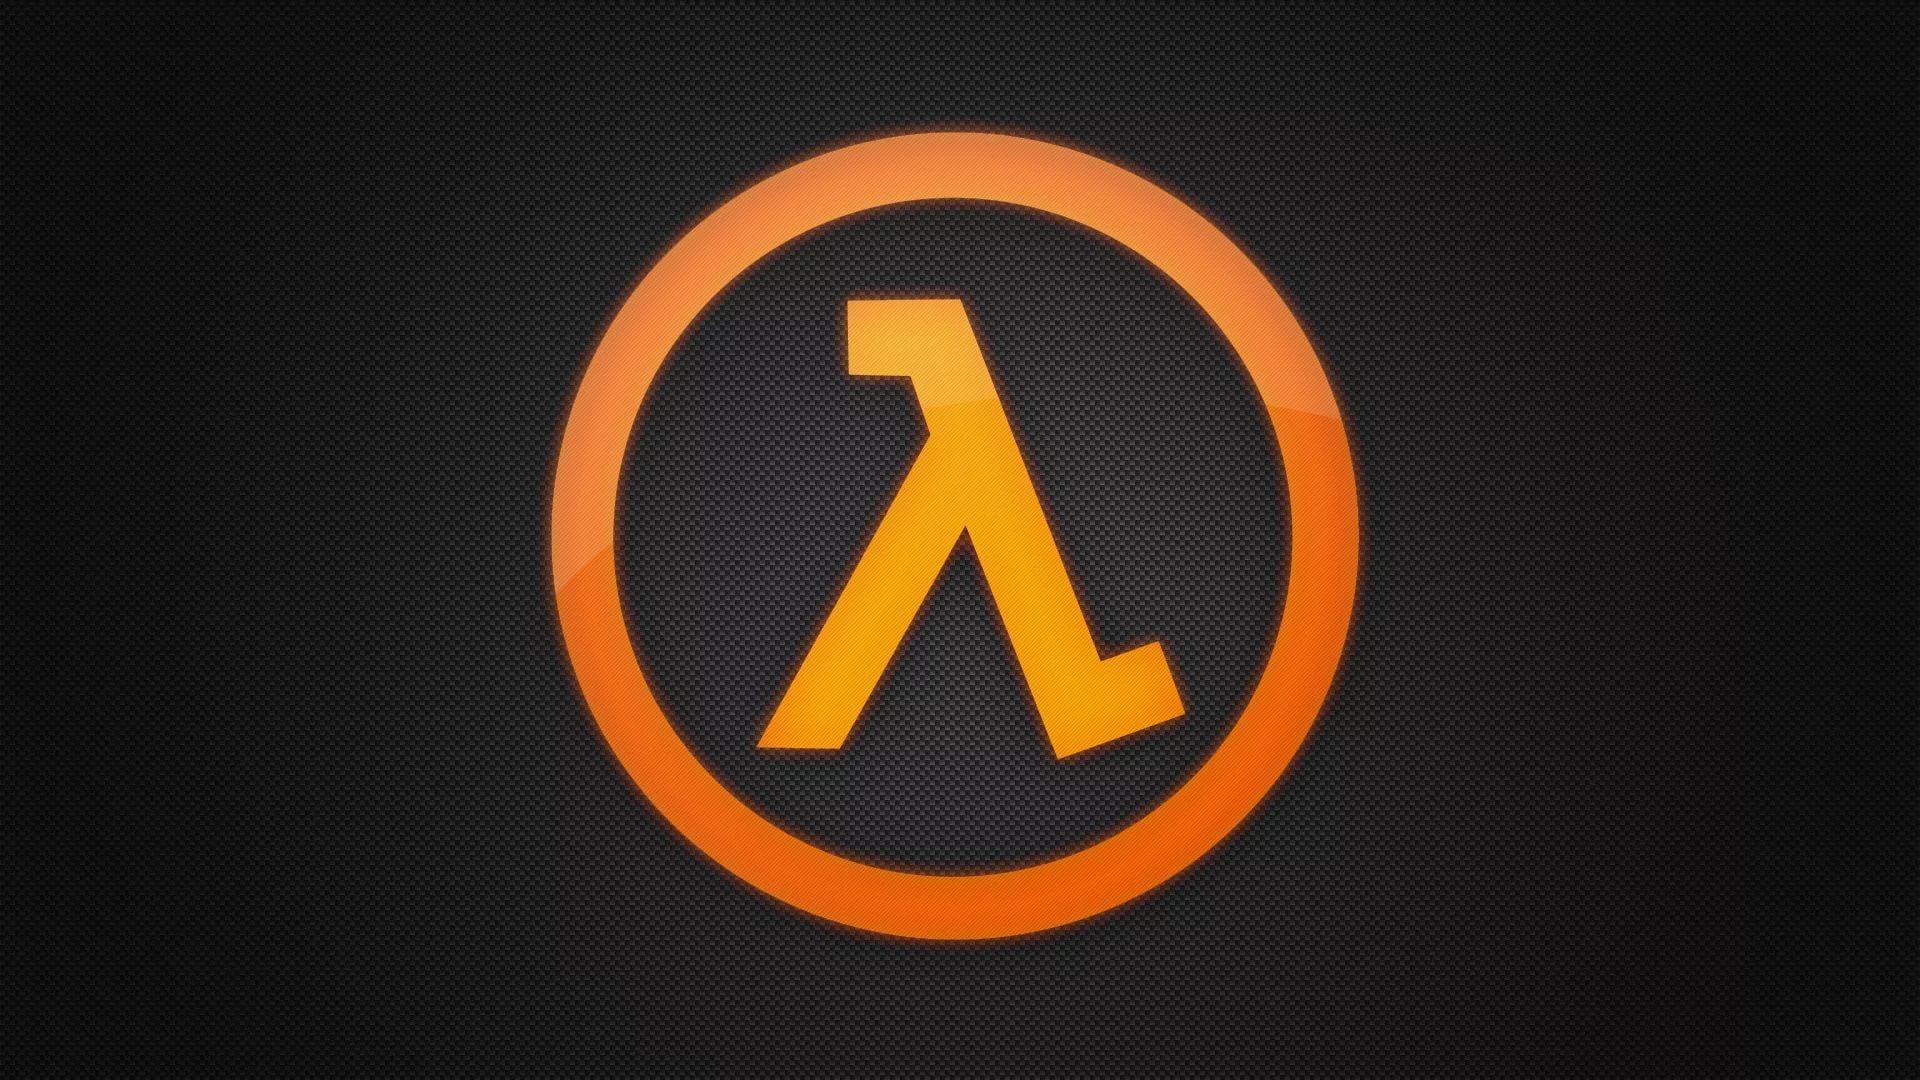 Risultato immagini per half life logo